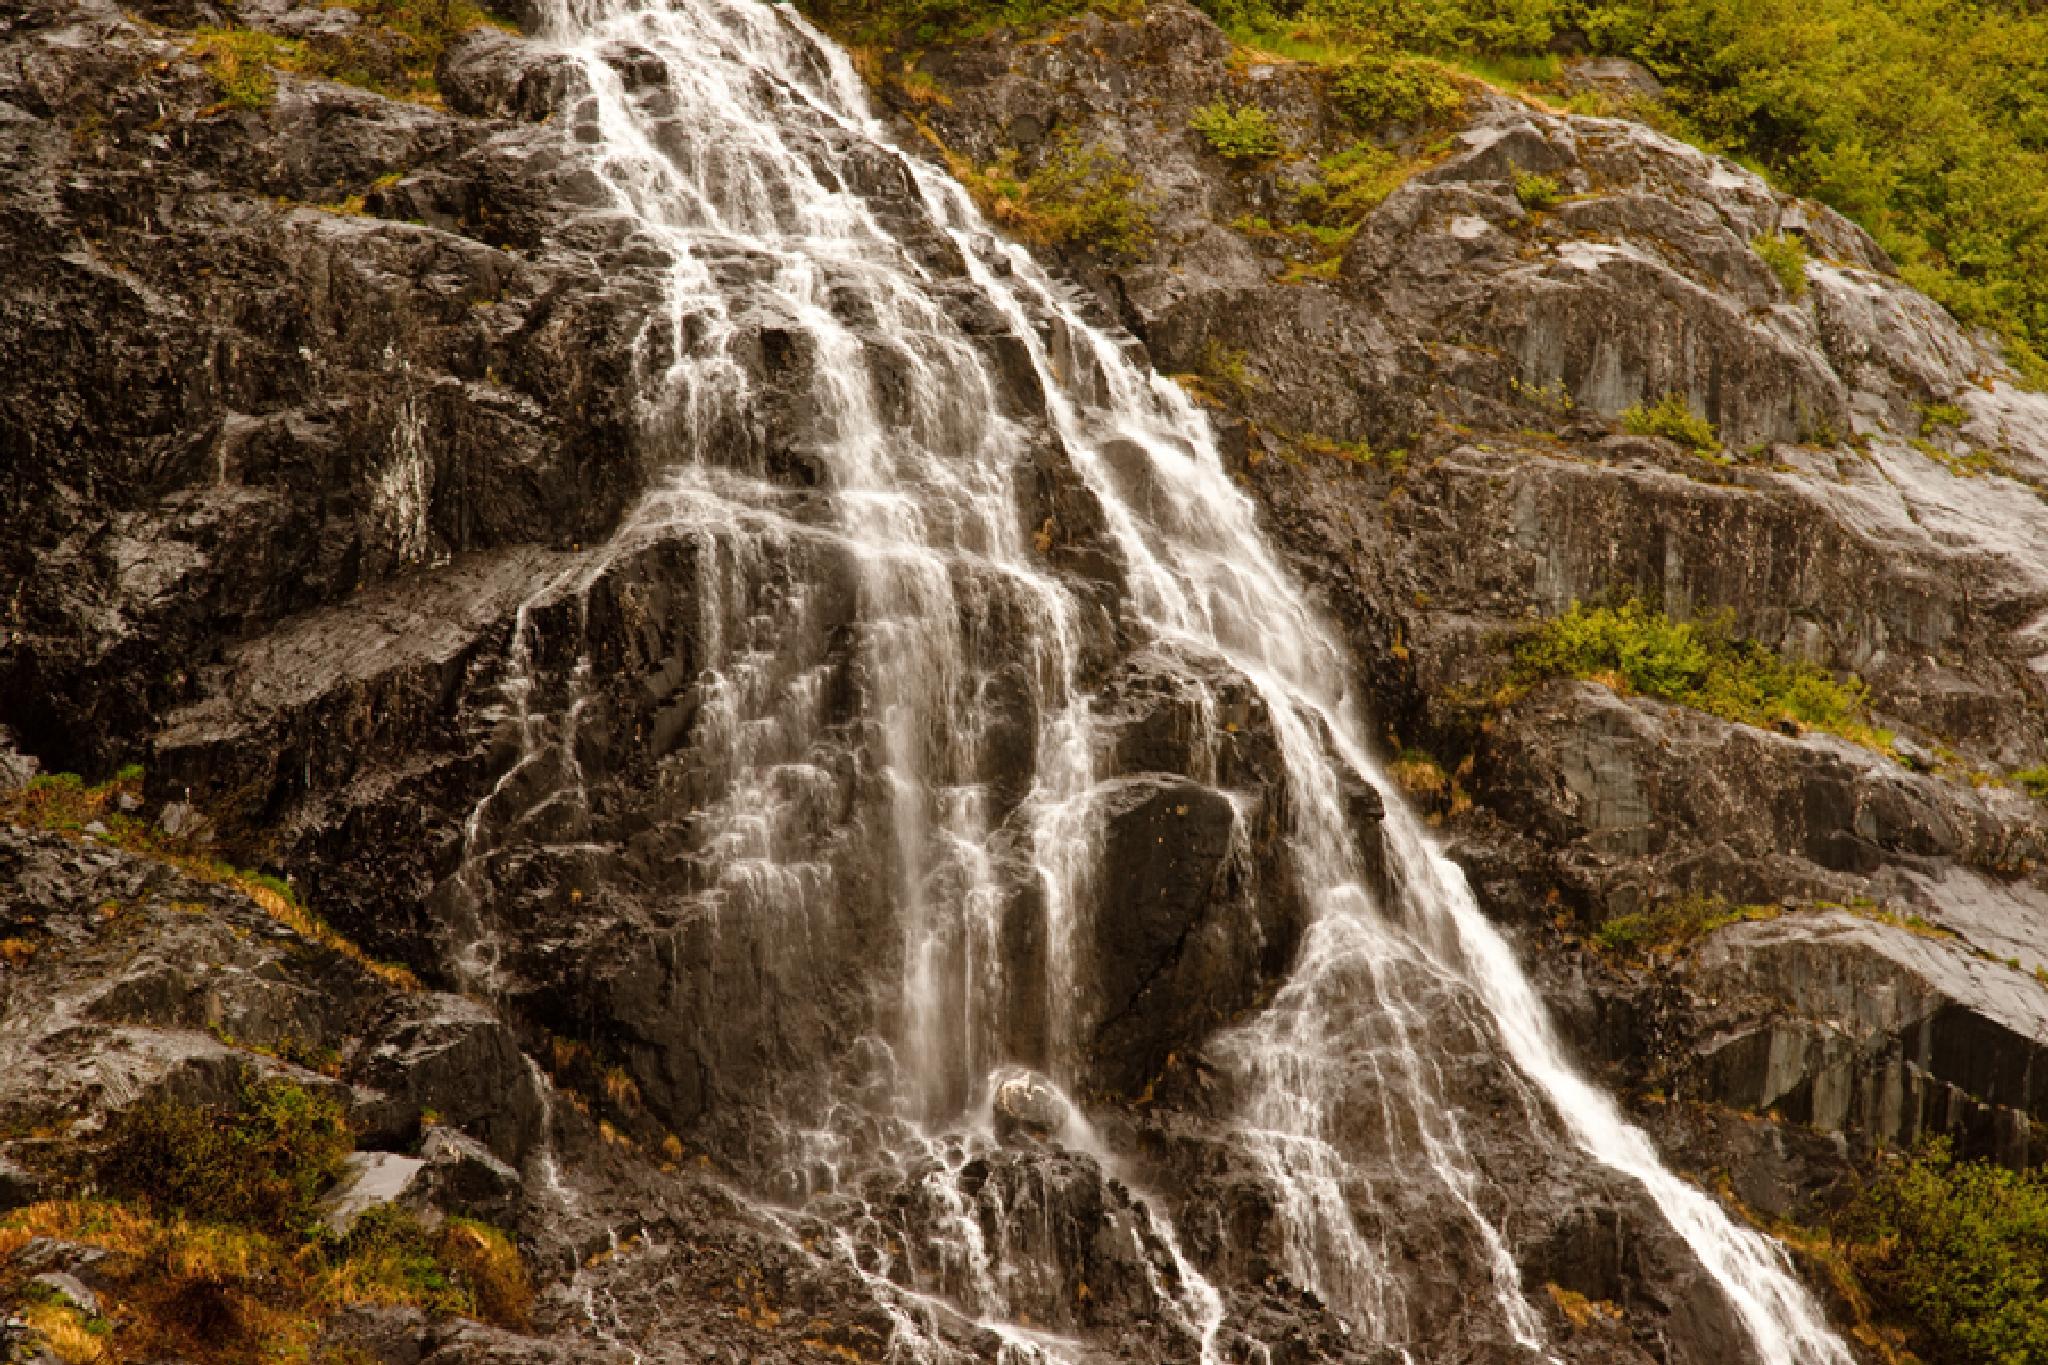 Waterfall in the Mountains by debra.louden1